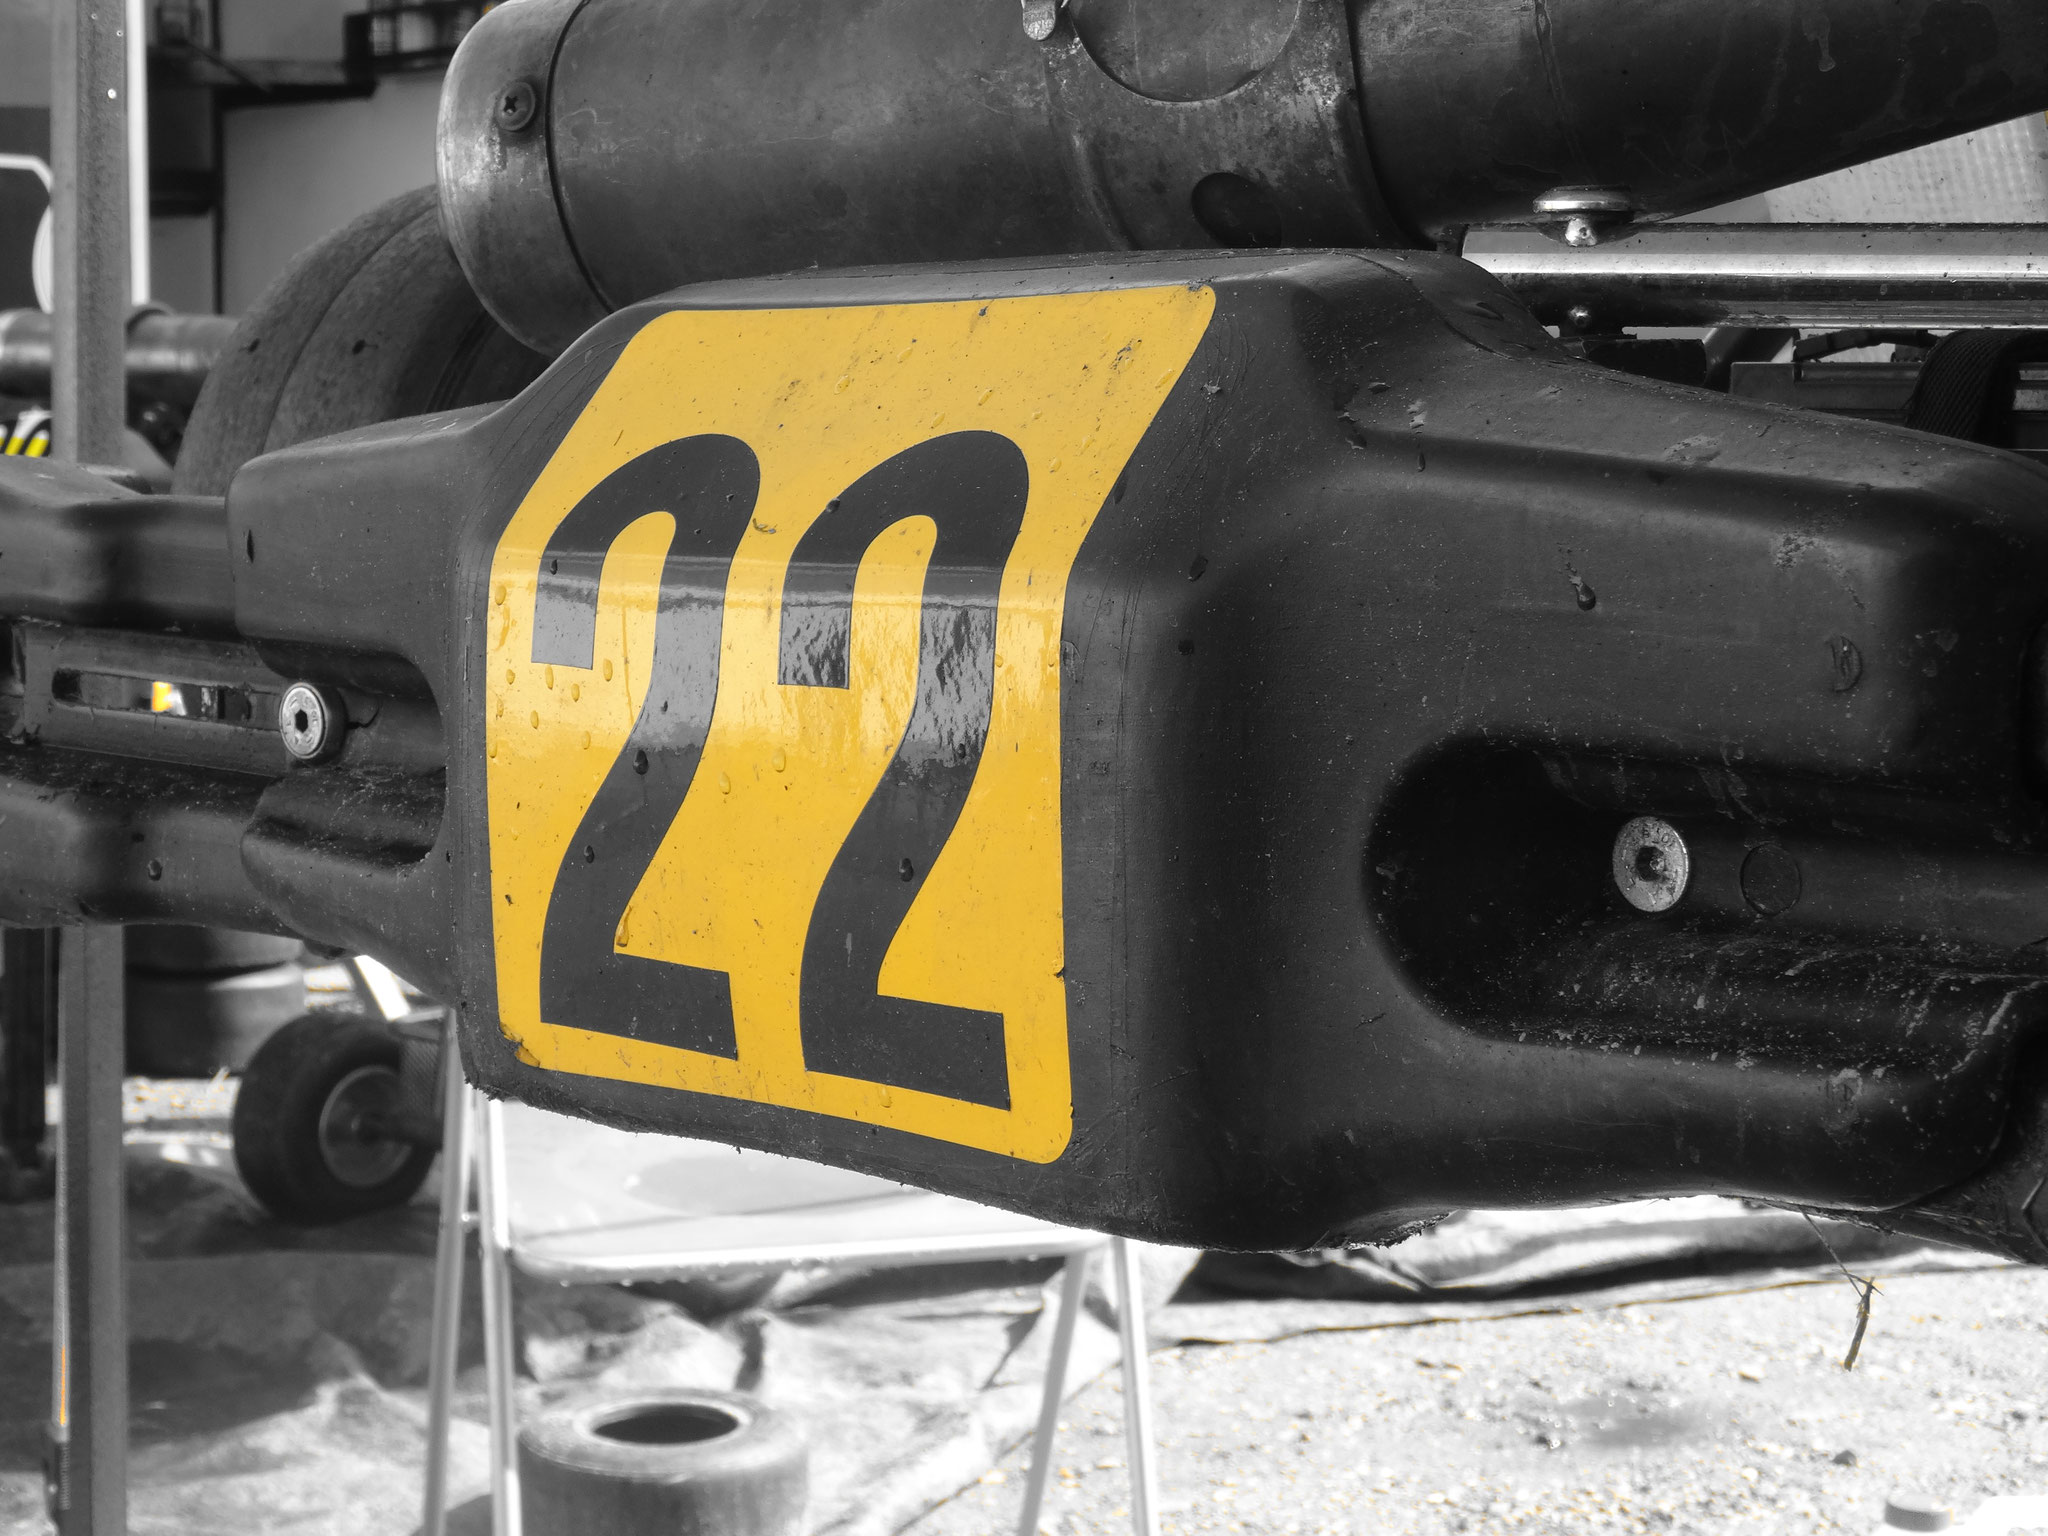 Yes eindelijk startnummer 22 / grootte idool Jenson Button reed hier ook mee